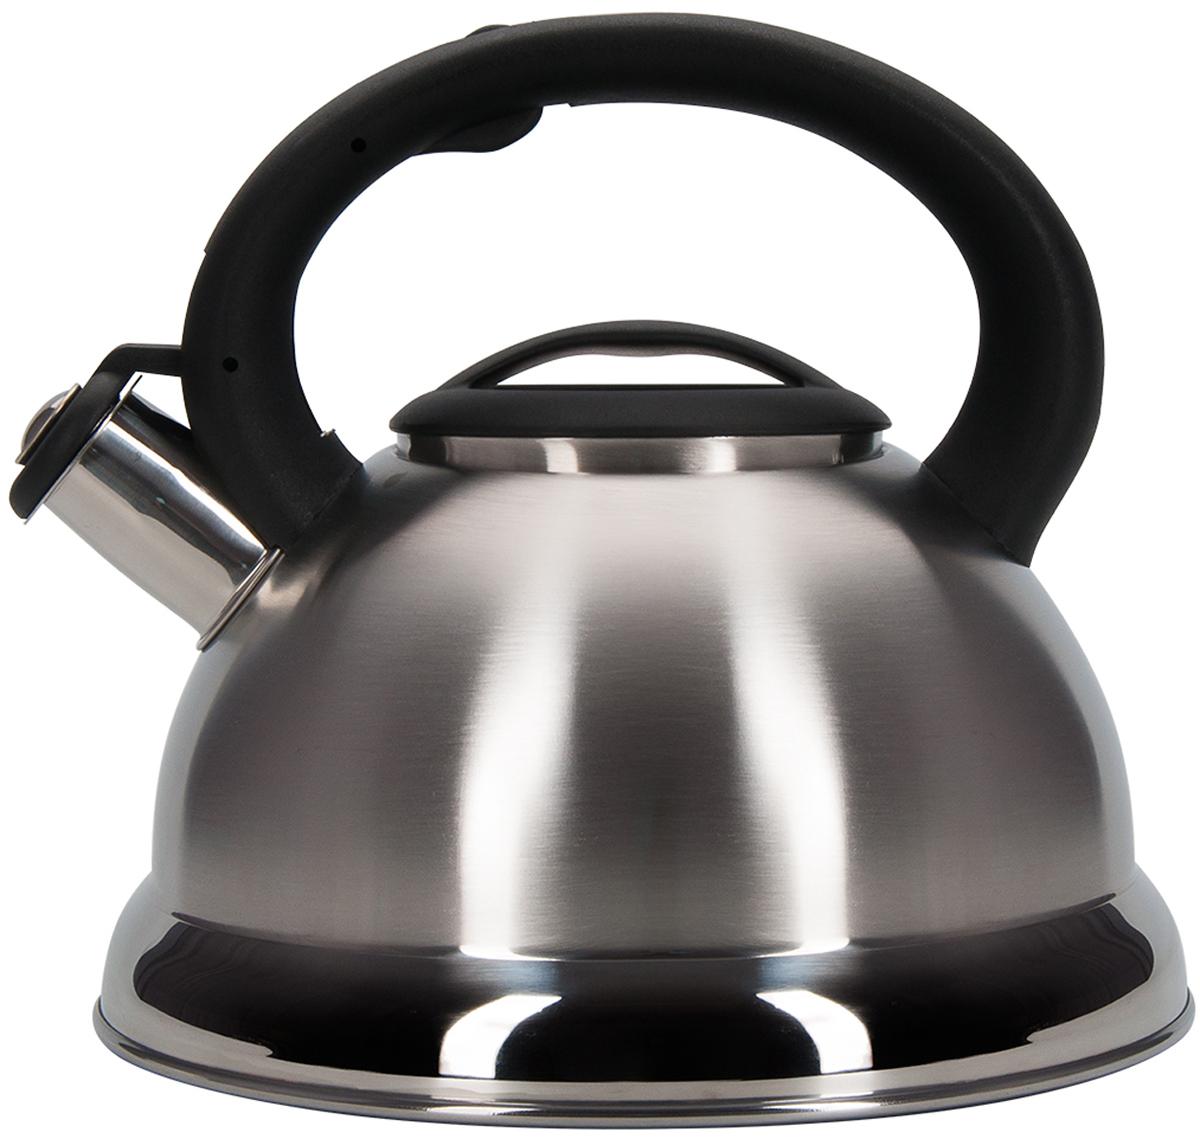 Чайник Regent Inox Tea, со свистком, цвет: серебристый, черный, 2,5 л. 93-TEA-27 abc t9 electric screwdriver torx bits set silver grey 5mm shank t9